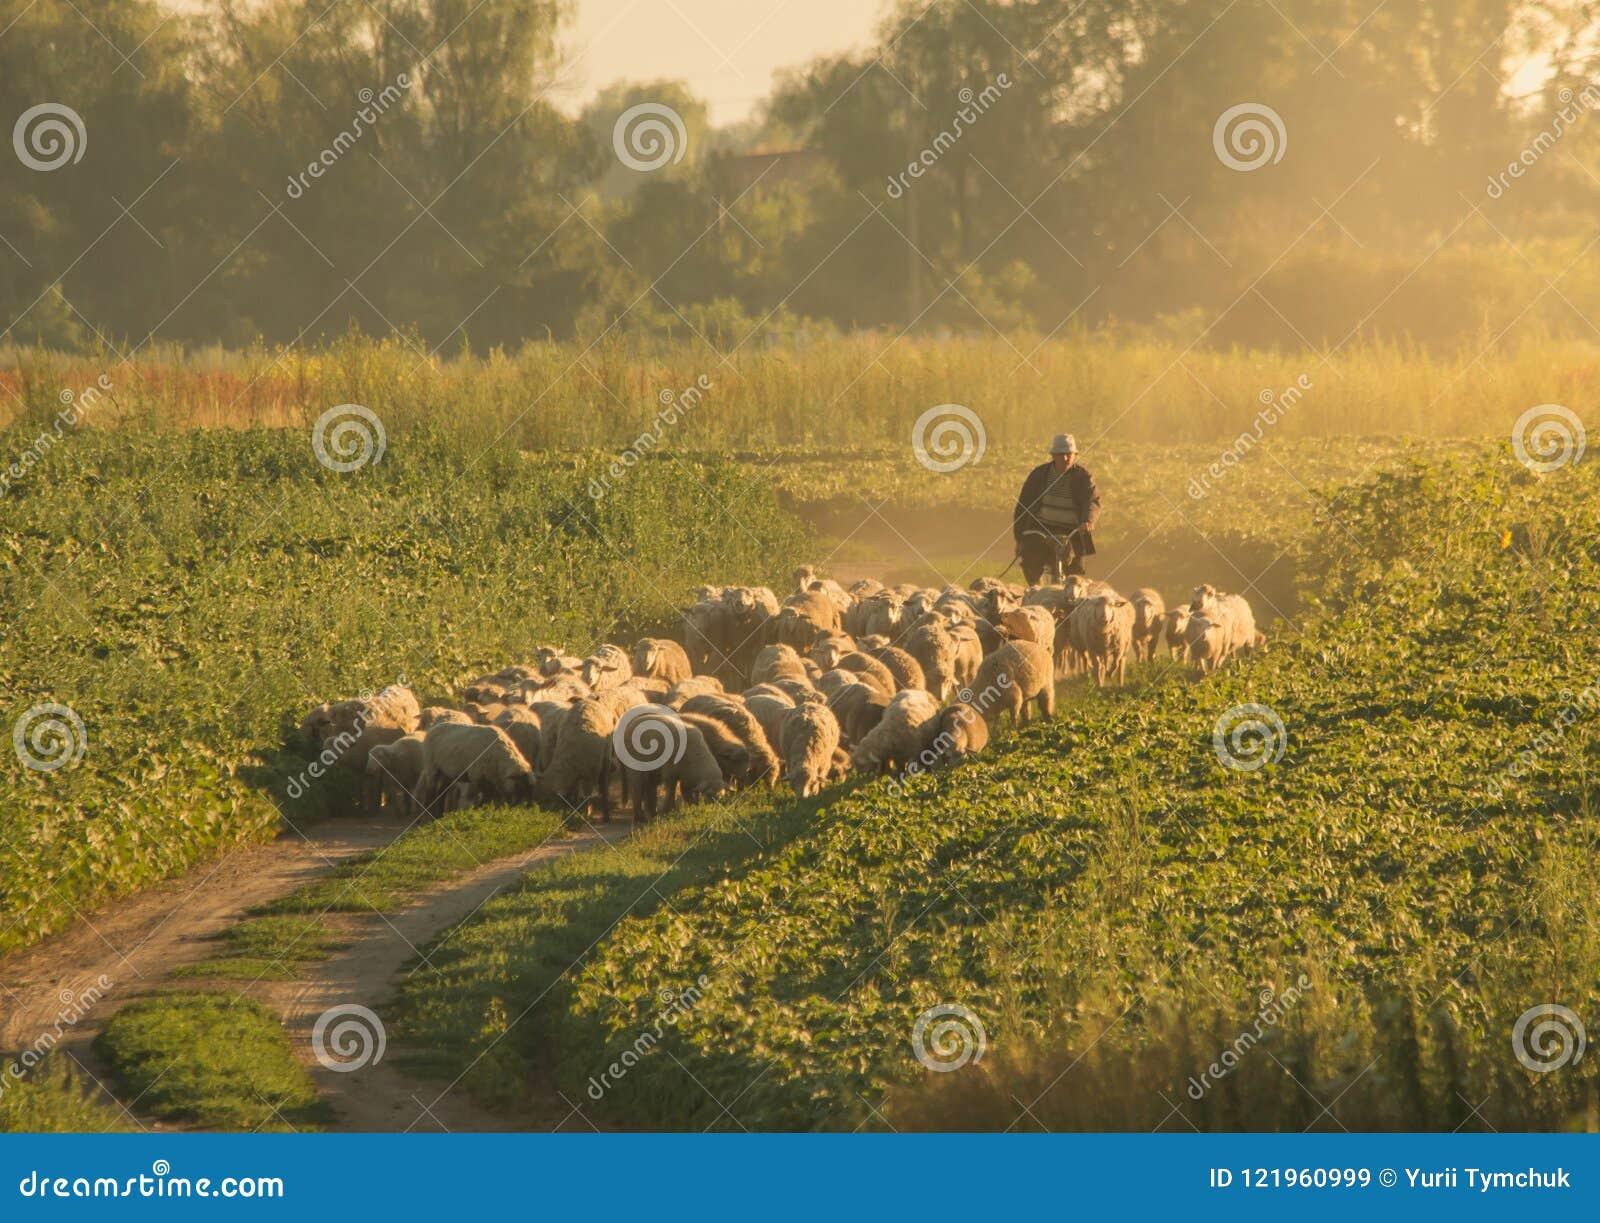 El pastor lleva una manada de ovejas